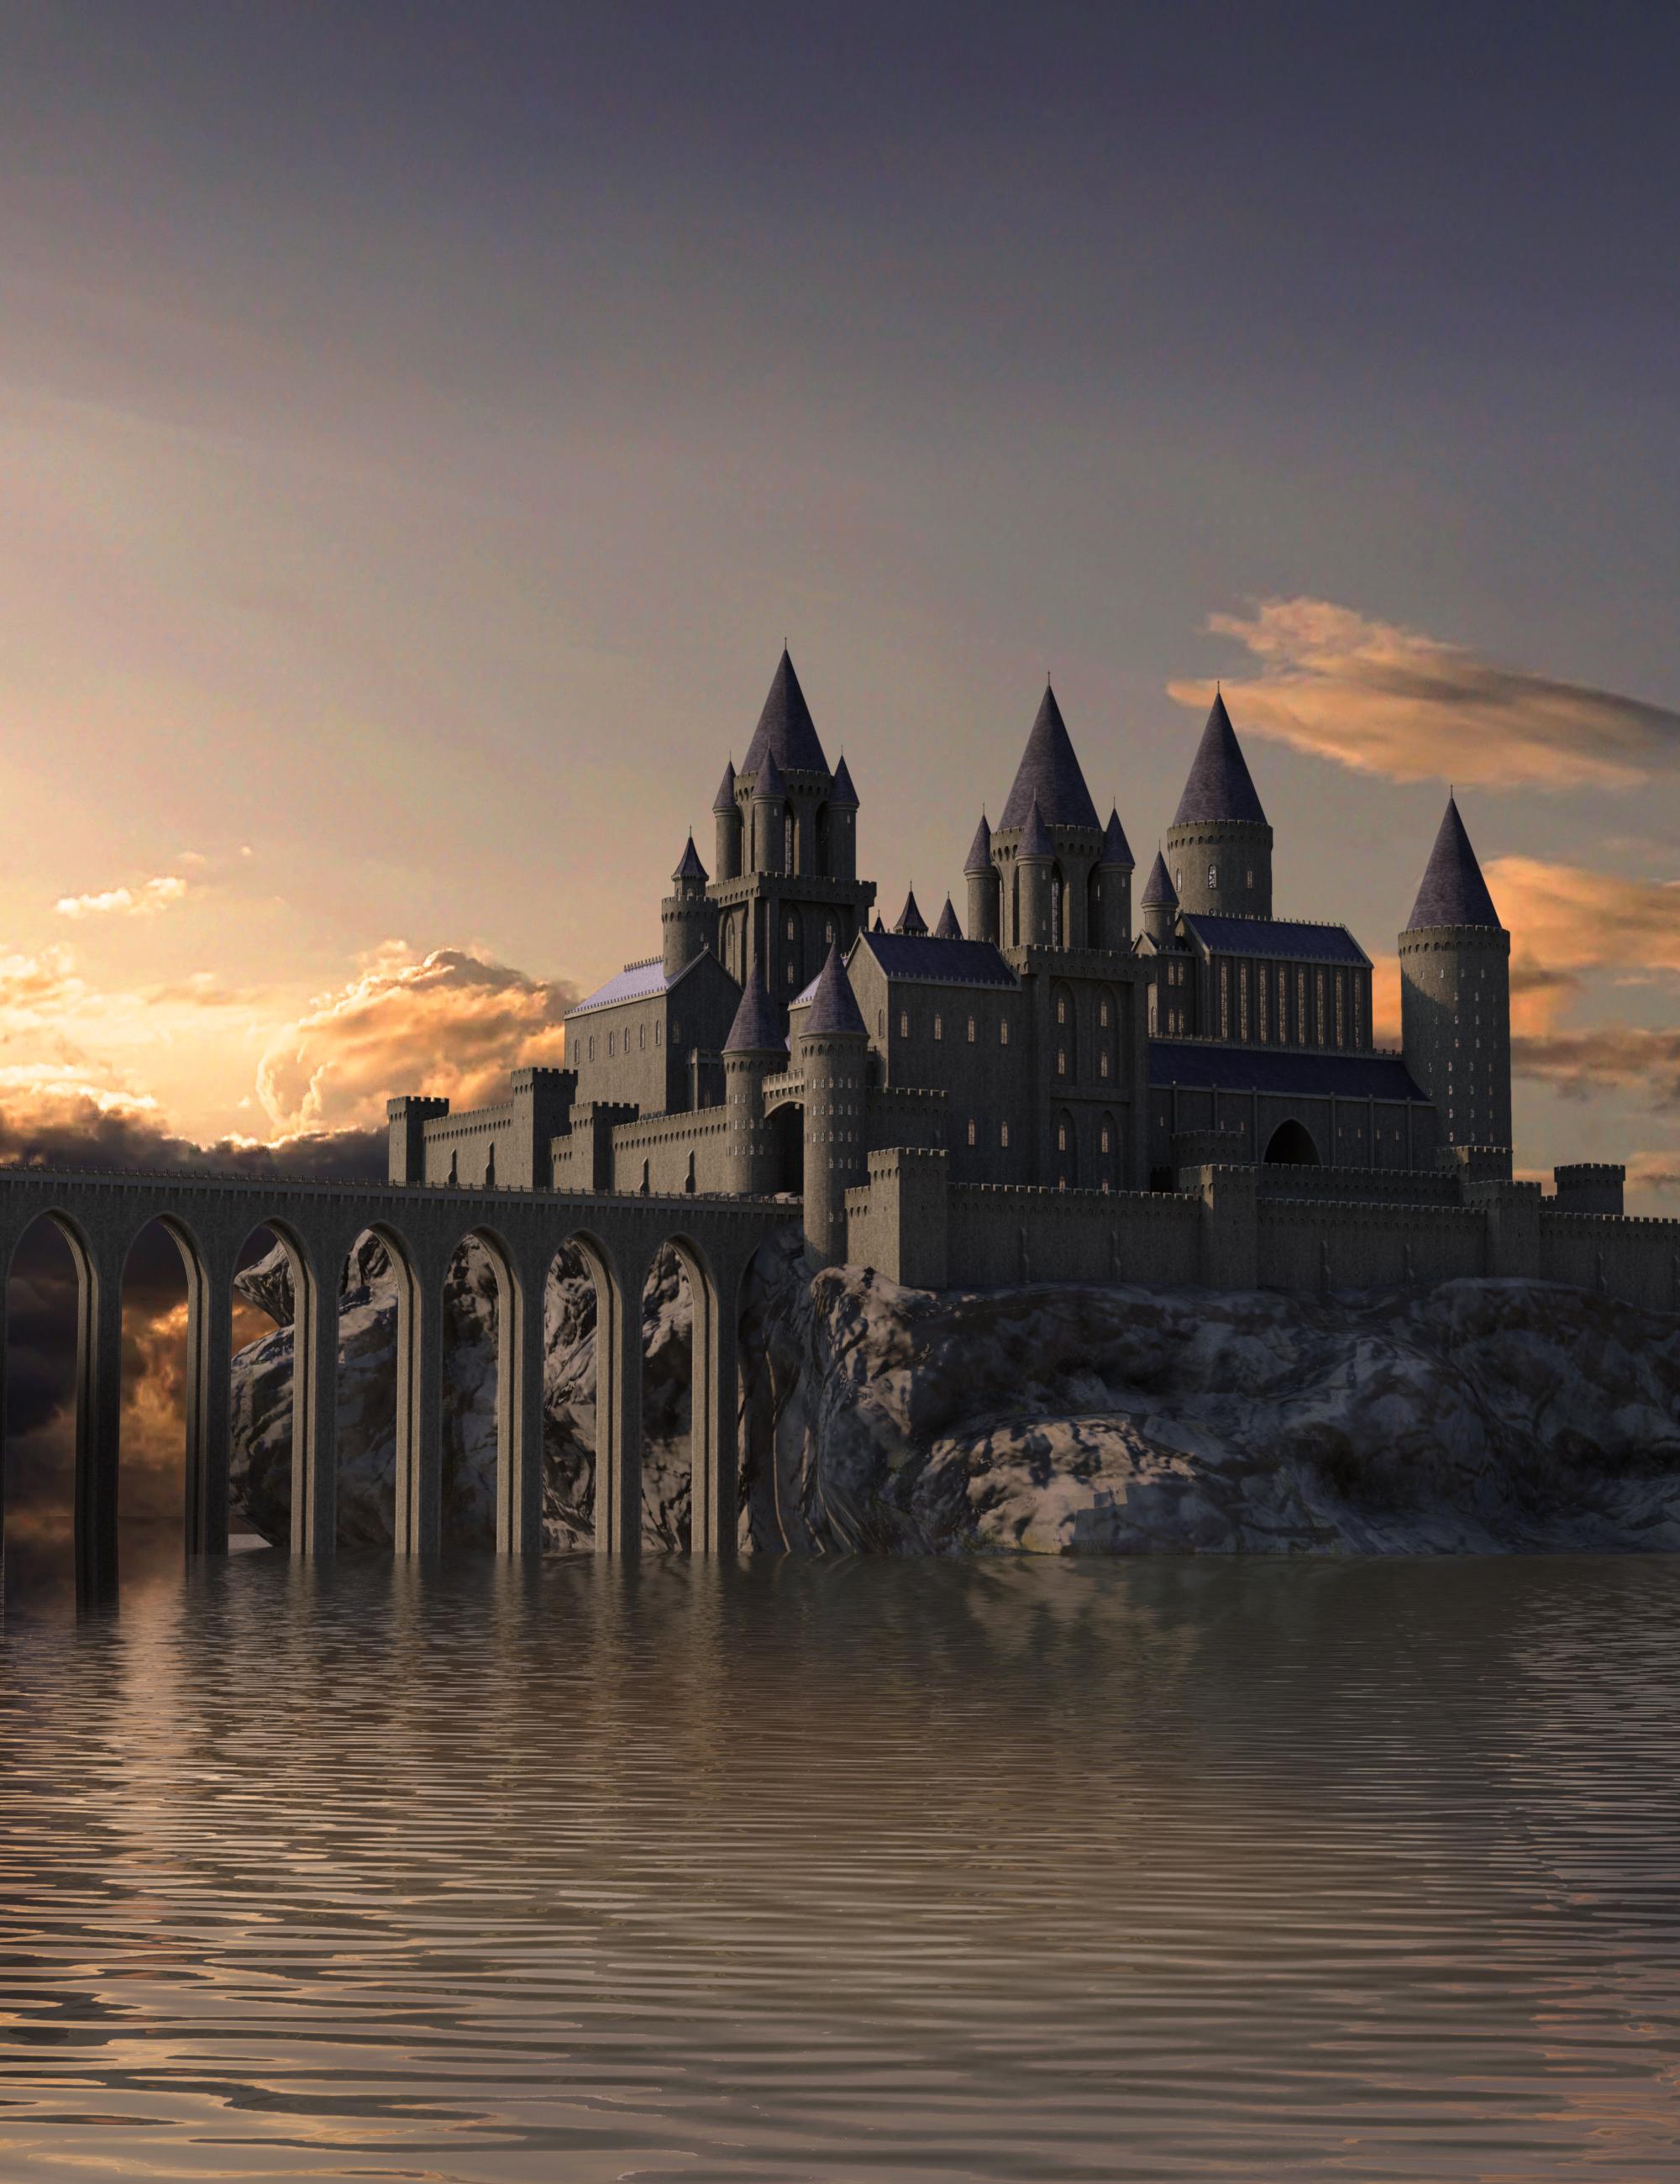 Castle Creator For Daz Studio by: BradCarsten, 3D Models by Daz 3D